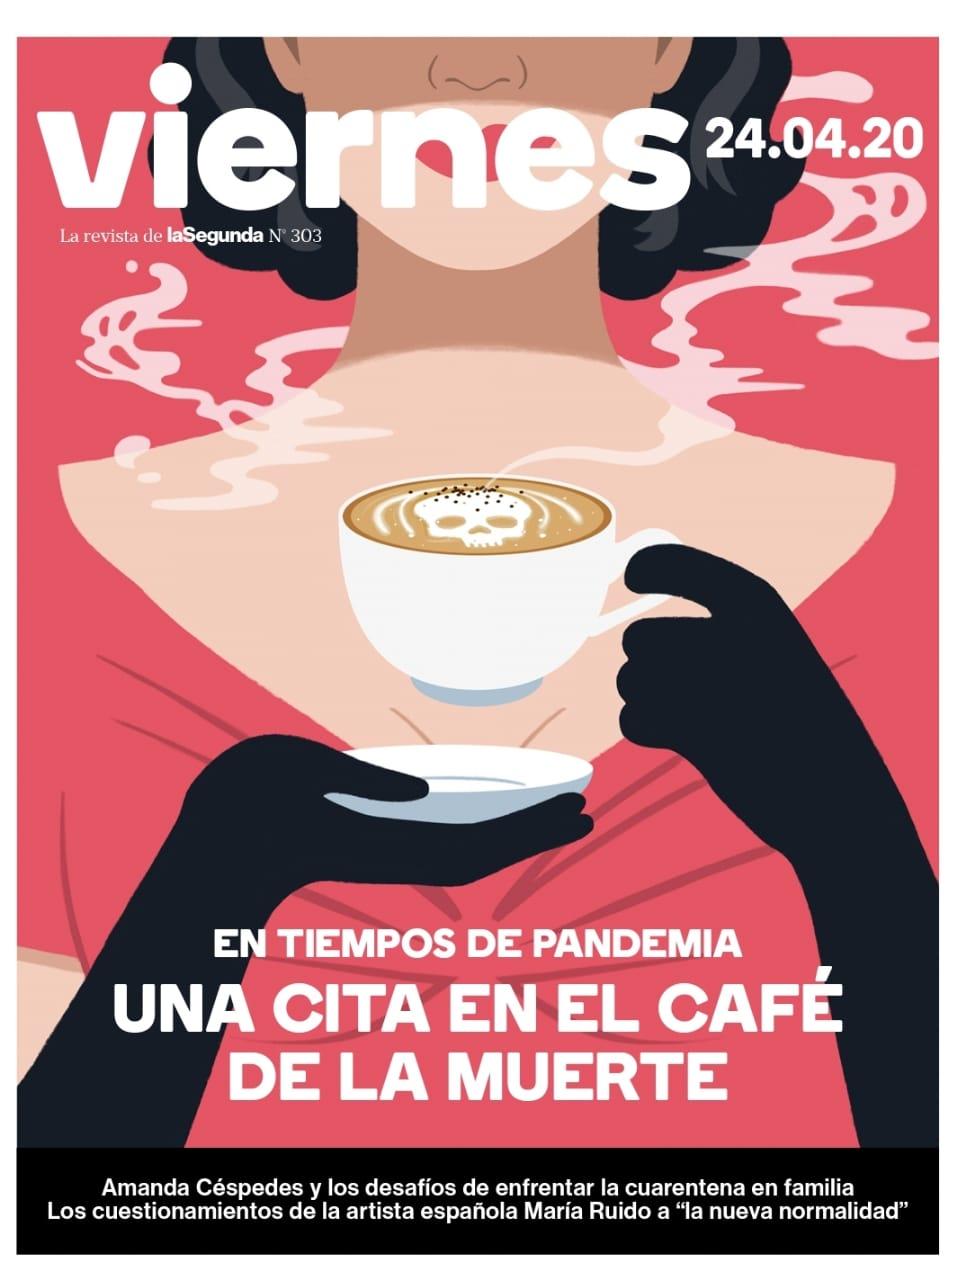 En tiempos de pandemia: Un cita en el Café de la Muerte